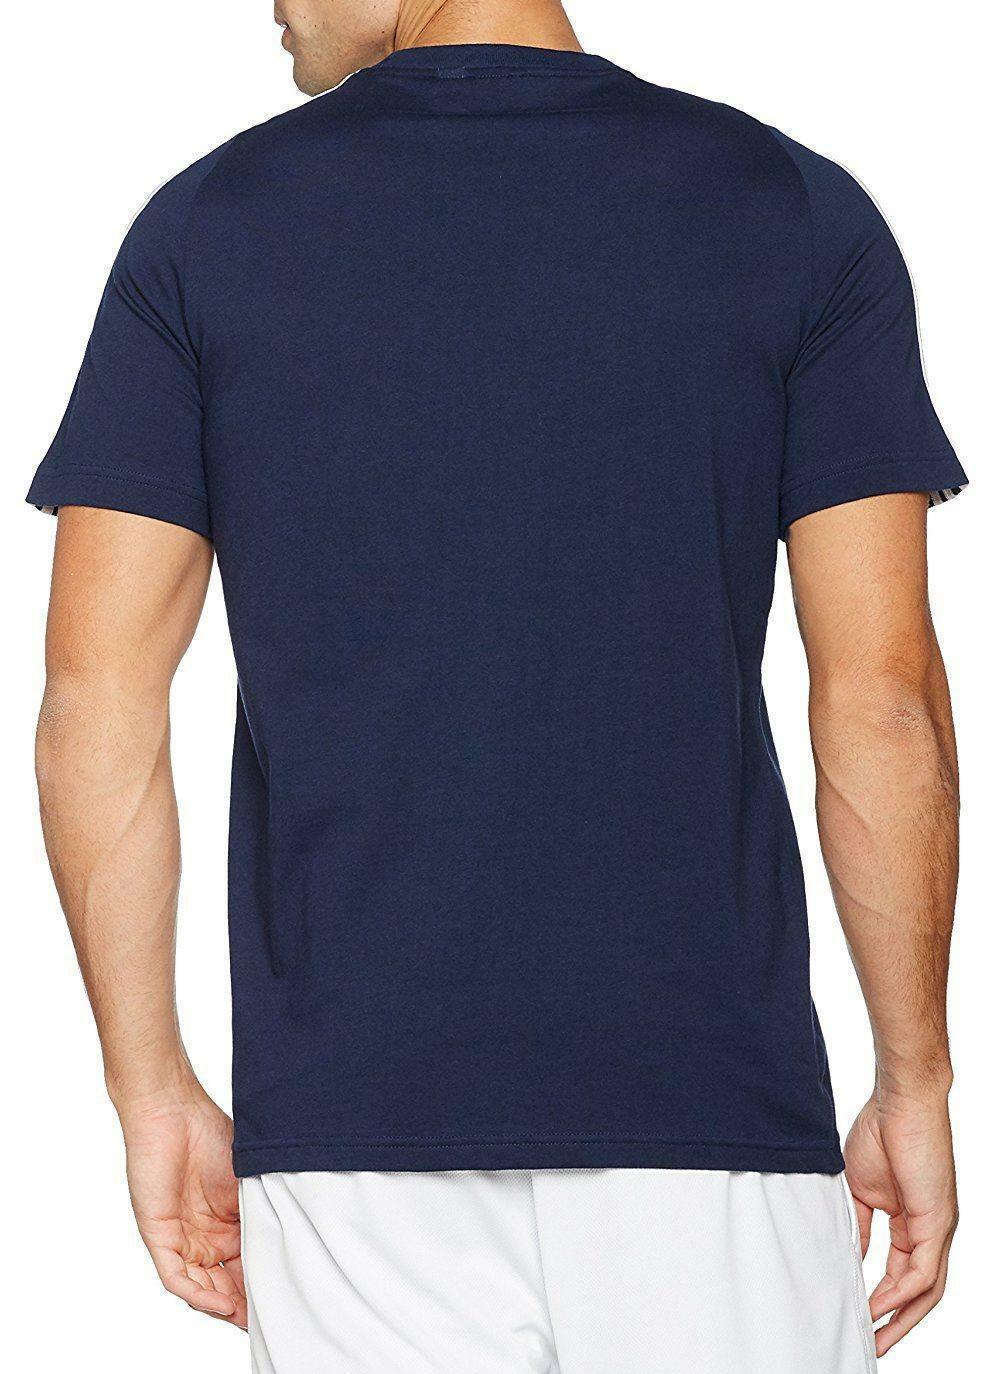 adidas adidas ess 3s tee t-shirt uomo blu